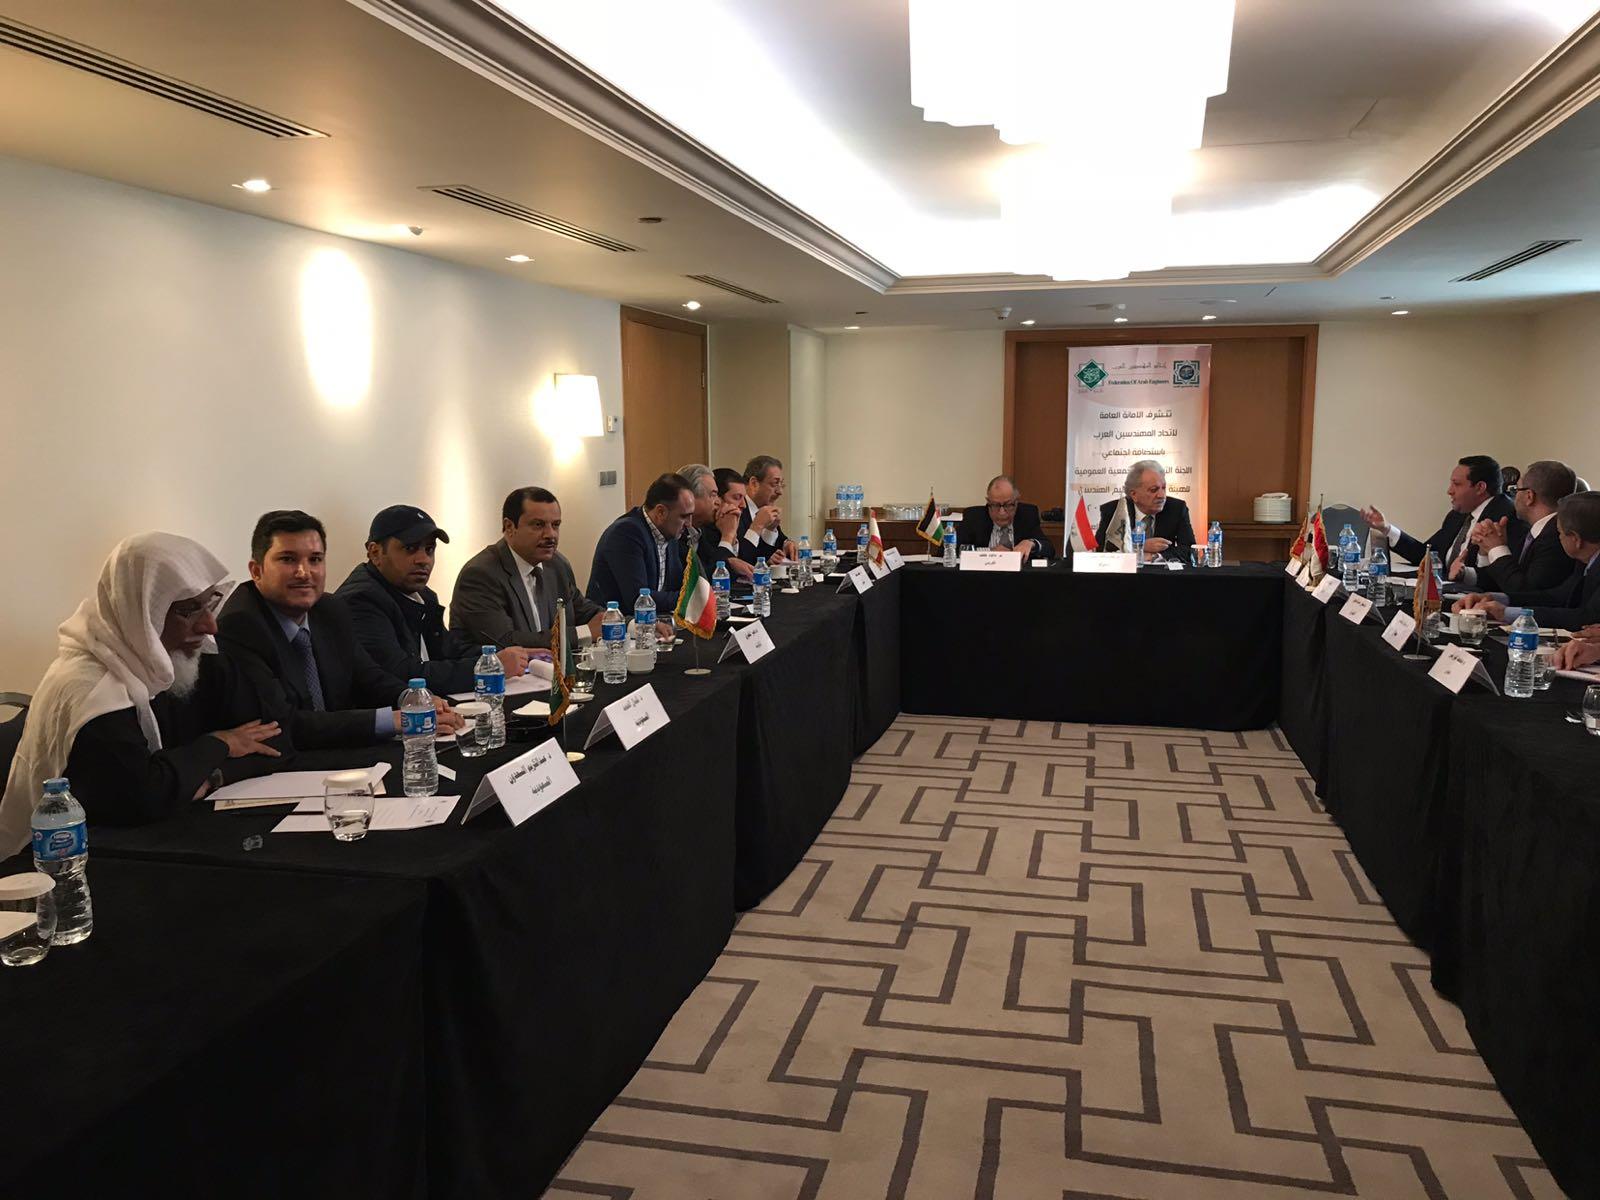 هيئة التحكيم العربية تزكي ممثل الجمعية عضوا في لجنتها التنفيذية